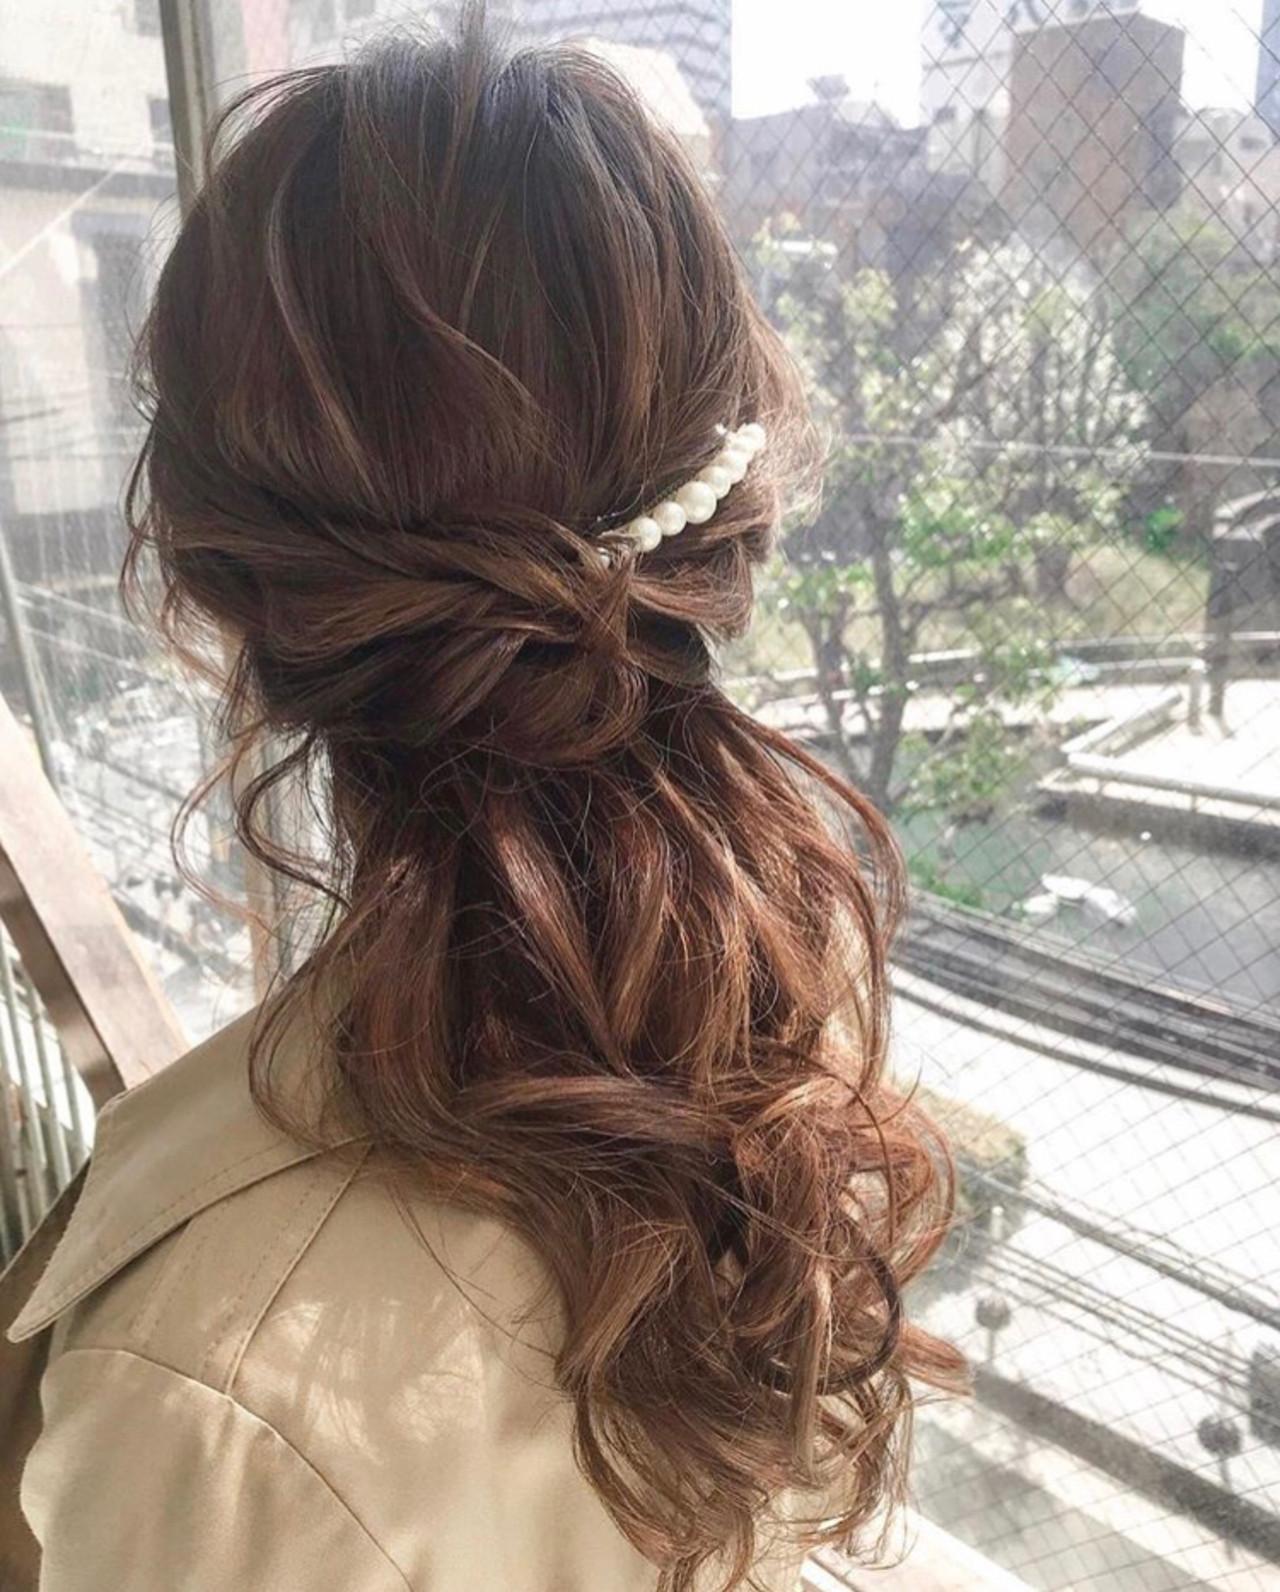 デート 簡単ヘアアレンジ ヘアアレンジ 結婚式 ヘアスタイルや髪型の写真・画像